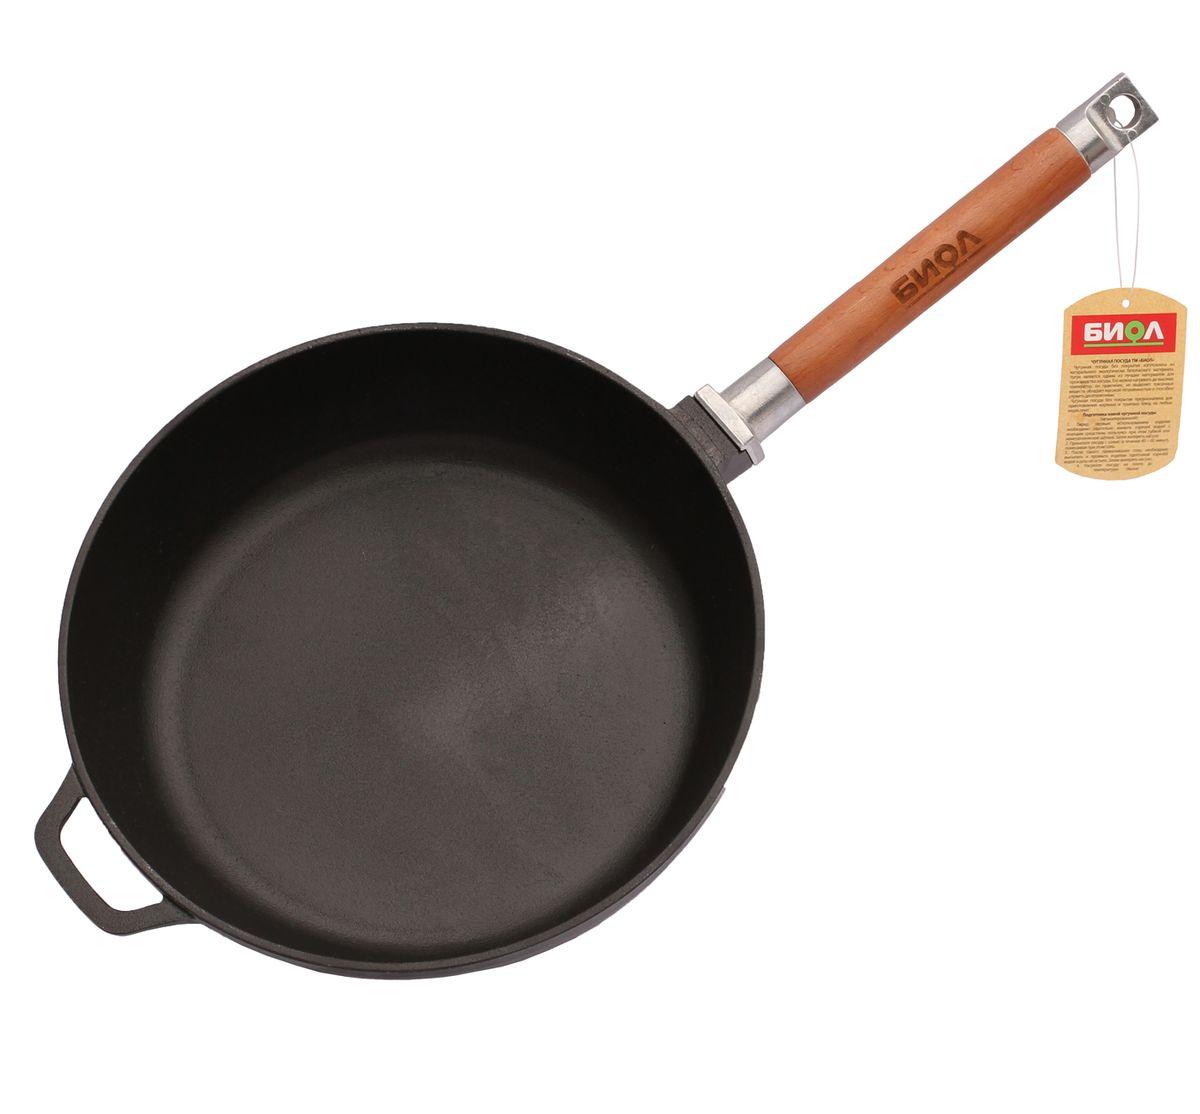 Сковорода чугунная Биол, со съемной ручкой. Диаметр 26 см54 009312Сковорода Биол изготовлена из натурального экологически безопасного чугуна. Чугун является одним из лучших материалов для производства посуды. Сковороду можно нагревать до высоких температур, она практична, не выделяет токсичных веществ, обладает высокой теплоемкостью и способна служить десятилетиями.Сковорода оснащена съемной деревянной ручкой. При помощи вращательного движения ручка снимается и прикручивается.Подходит для всех типов плит, включая индукционные. Нельзя мыть в посудомоечной машине. Диаметр сковороды по верхнему краю: 26 см.Высота стенки: 6,5 см. Длина ручки: 21 см.